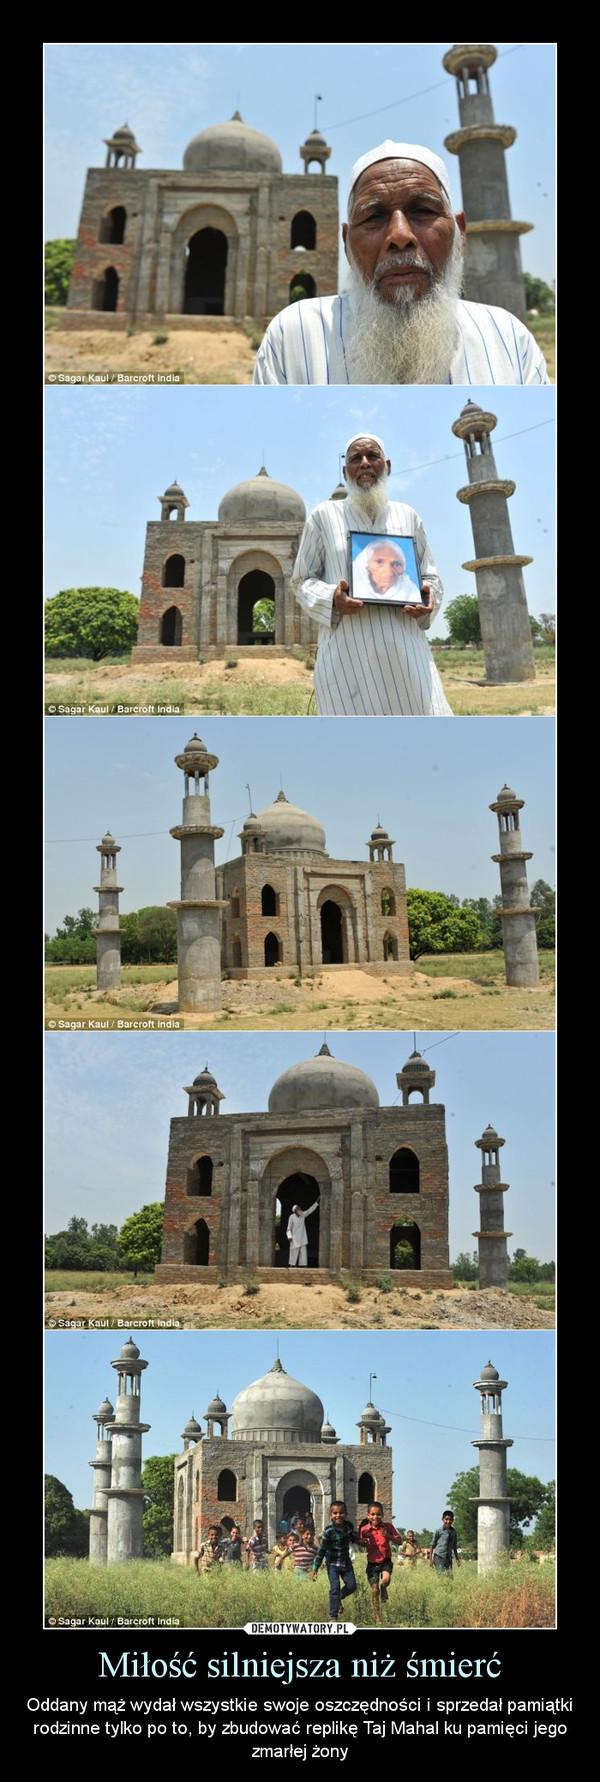 Miłość silniejsza niż śmierć – Oddany mąż wydał wszystkie swoje oszczędności i sprzedał pamiątki rodzinne tylko po to, by zbudować replikę Taj Mahal ku pamięci jego zmarłej żony